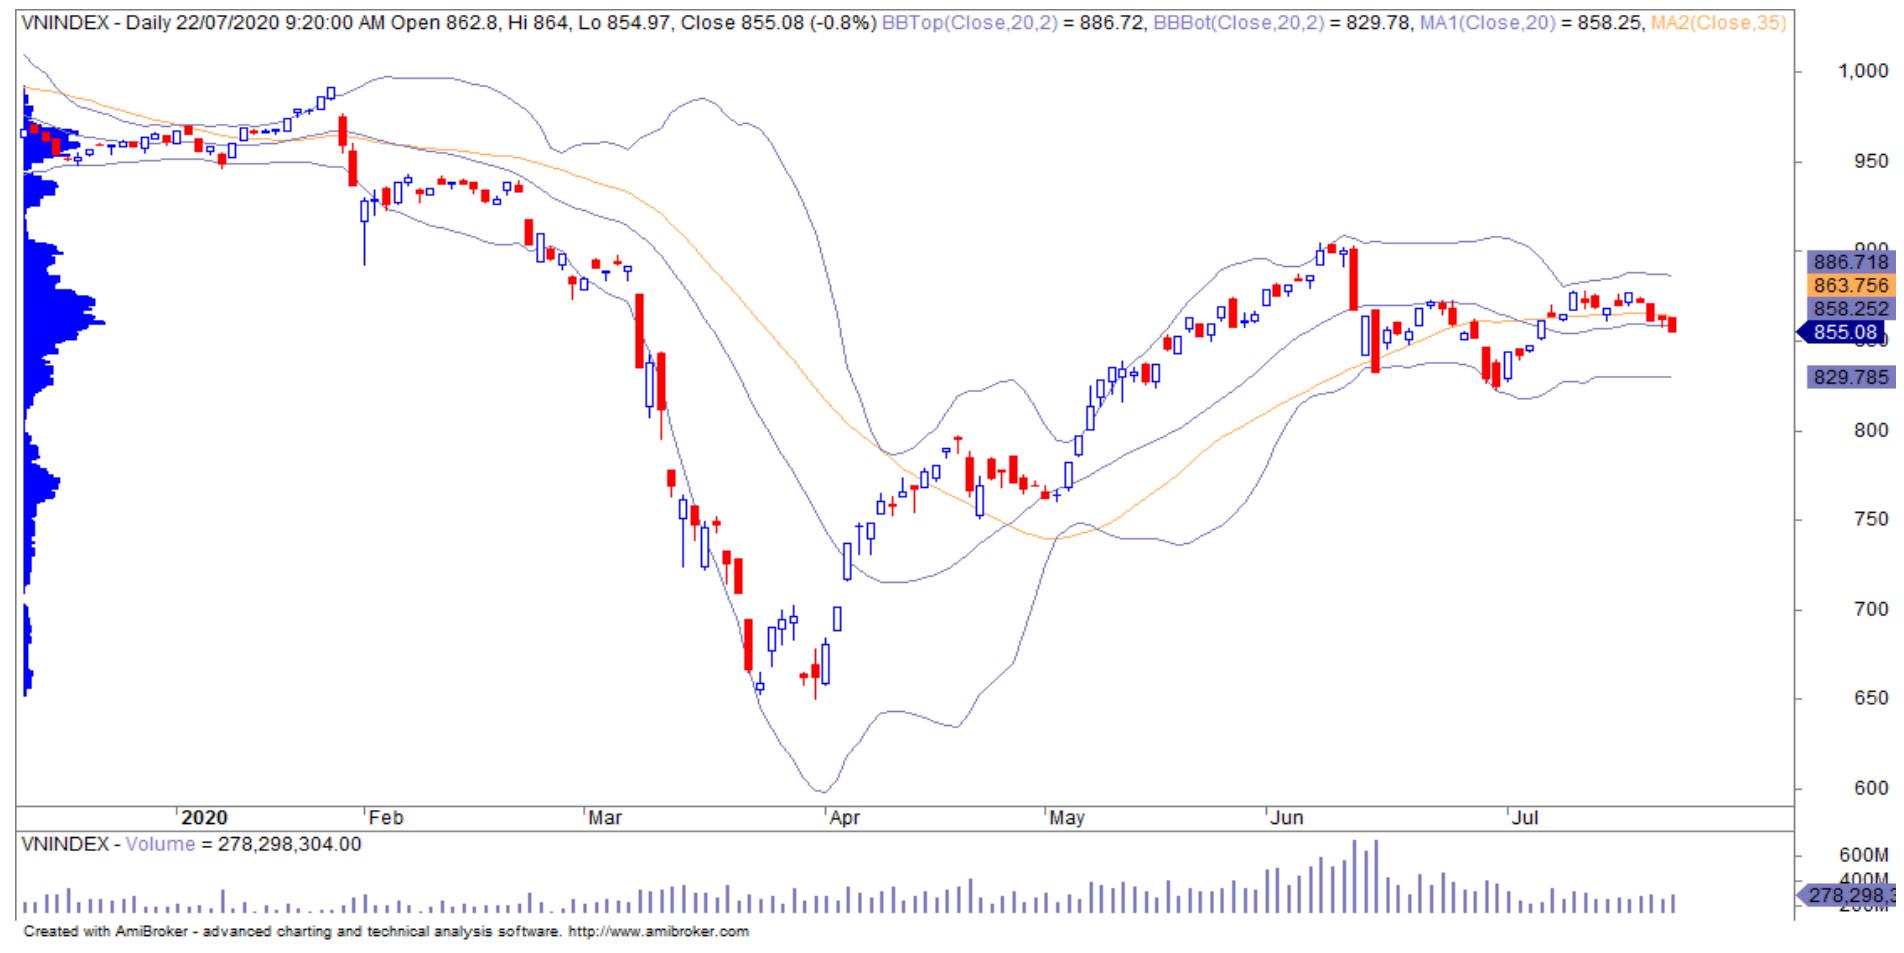 Thị trường chứng khoán 23/7: Bước vào phạm vi khó lường khi vàng tăng giá kỉ lục thu hút giới đầu tư - Ảnh 1.